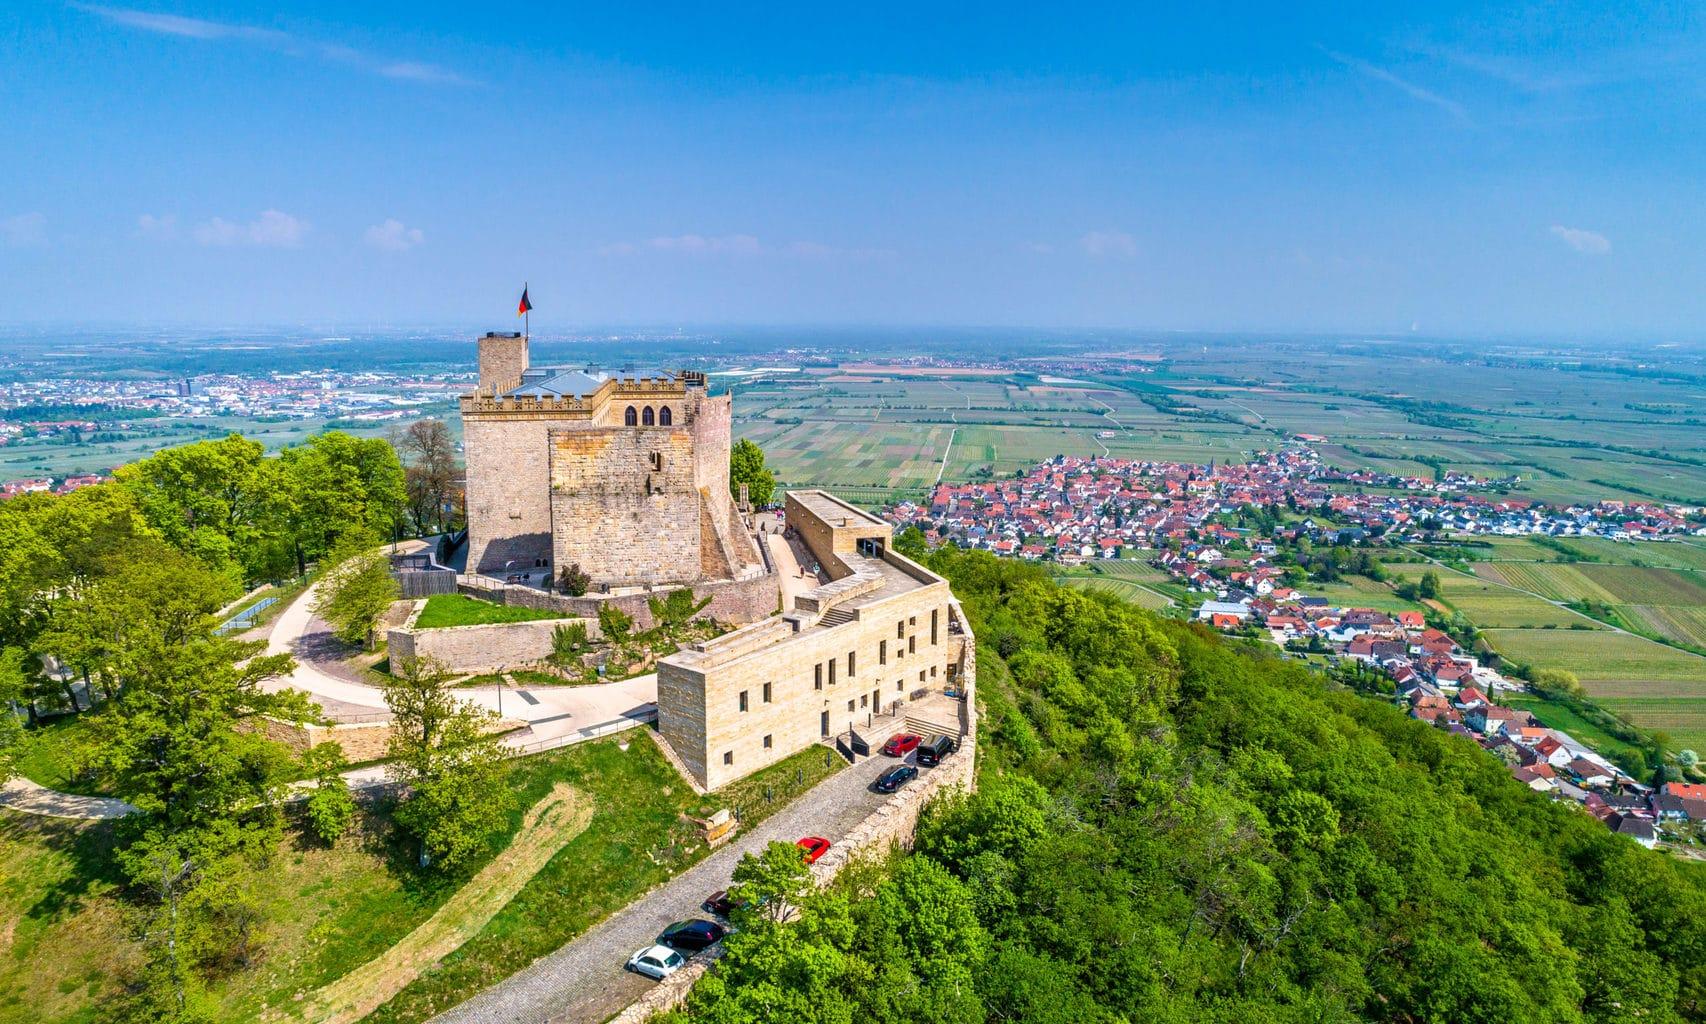 Het kasteel Hambacher Schlosss vanuit de lucht bekeken